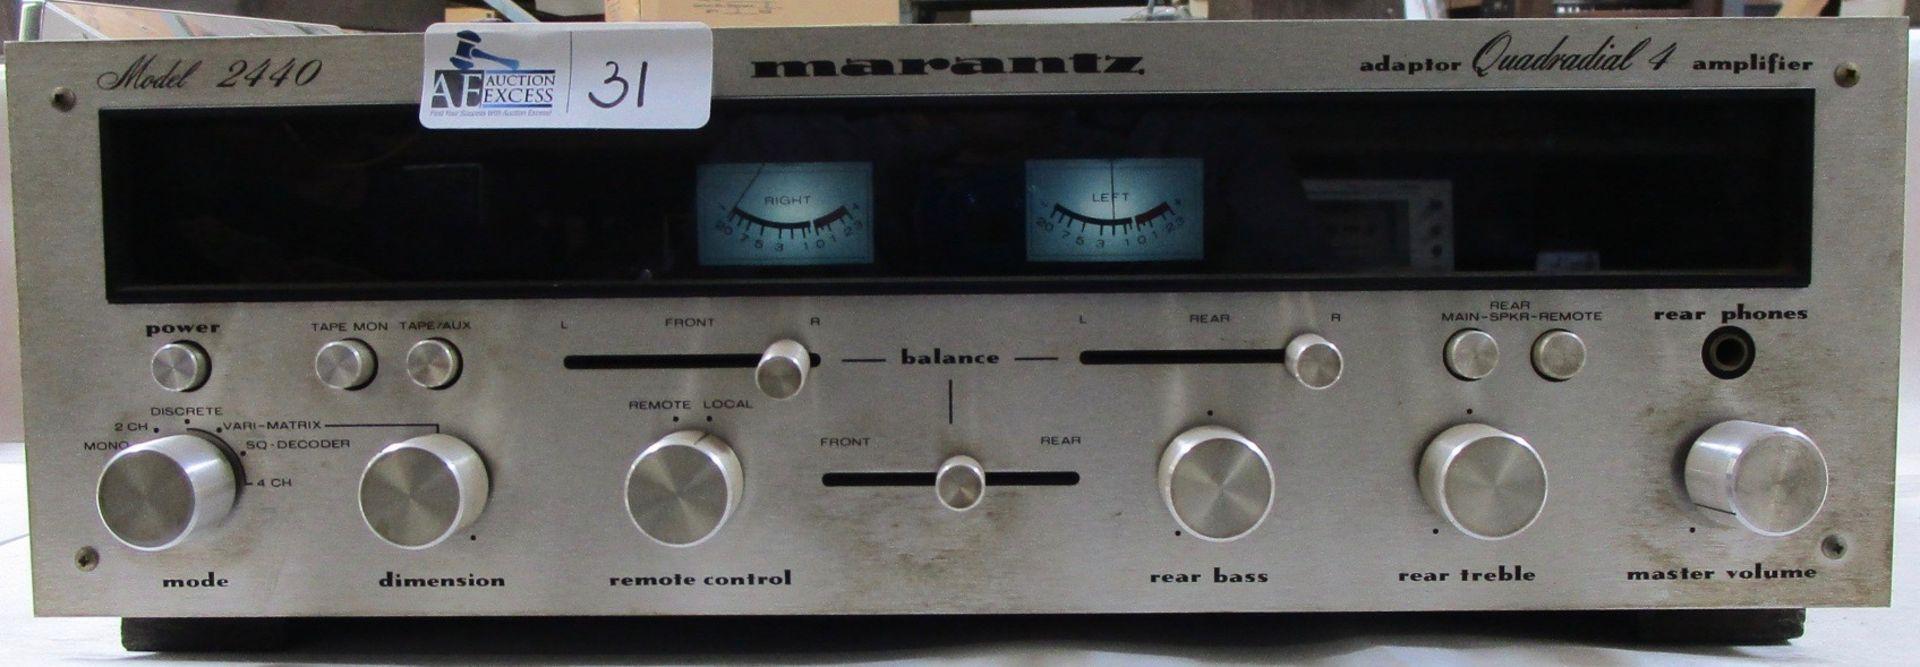 Lot 31 - MARANTZ 2440 QUADRA DIAL 4 AMP